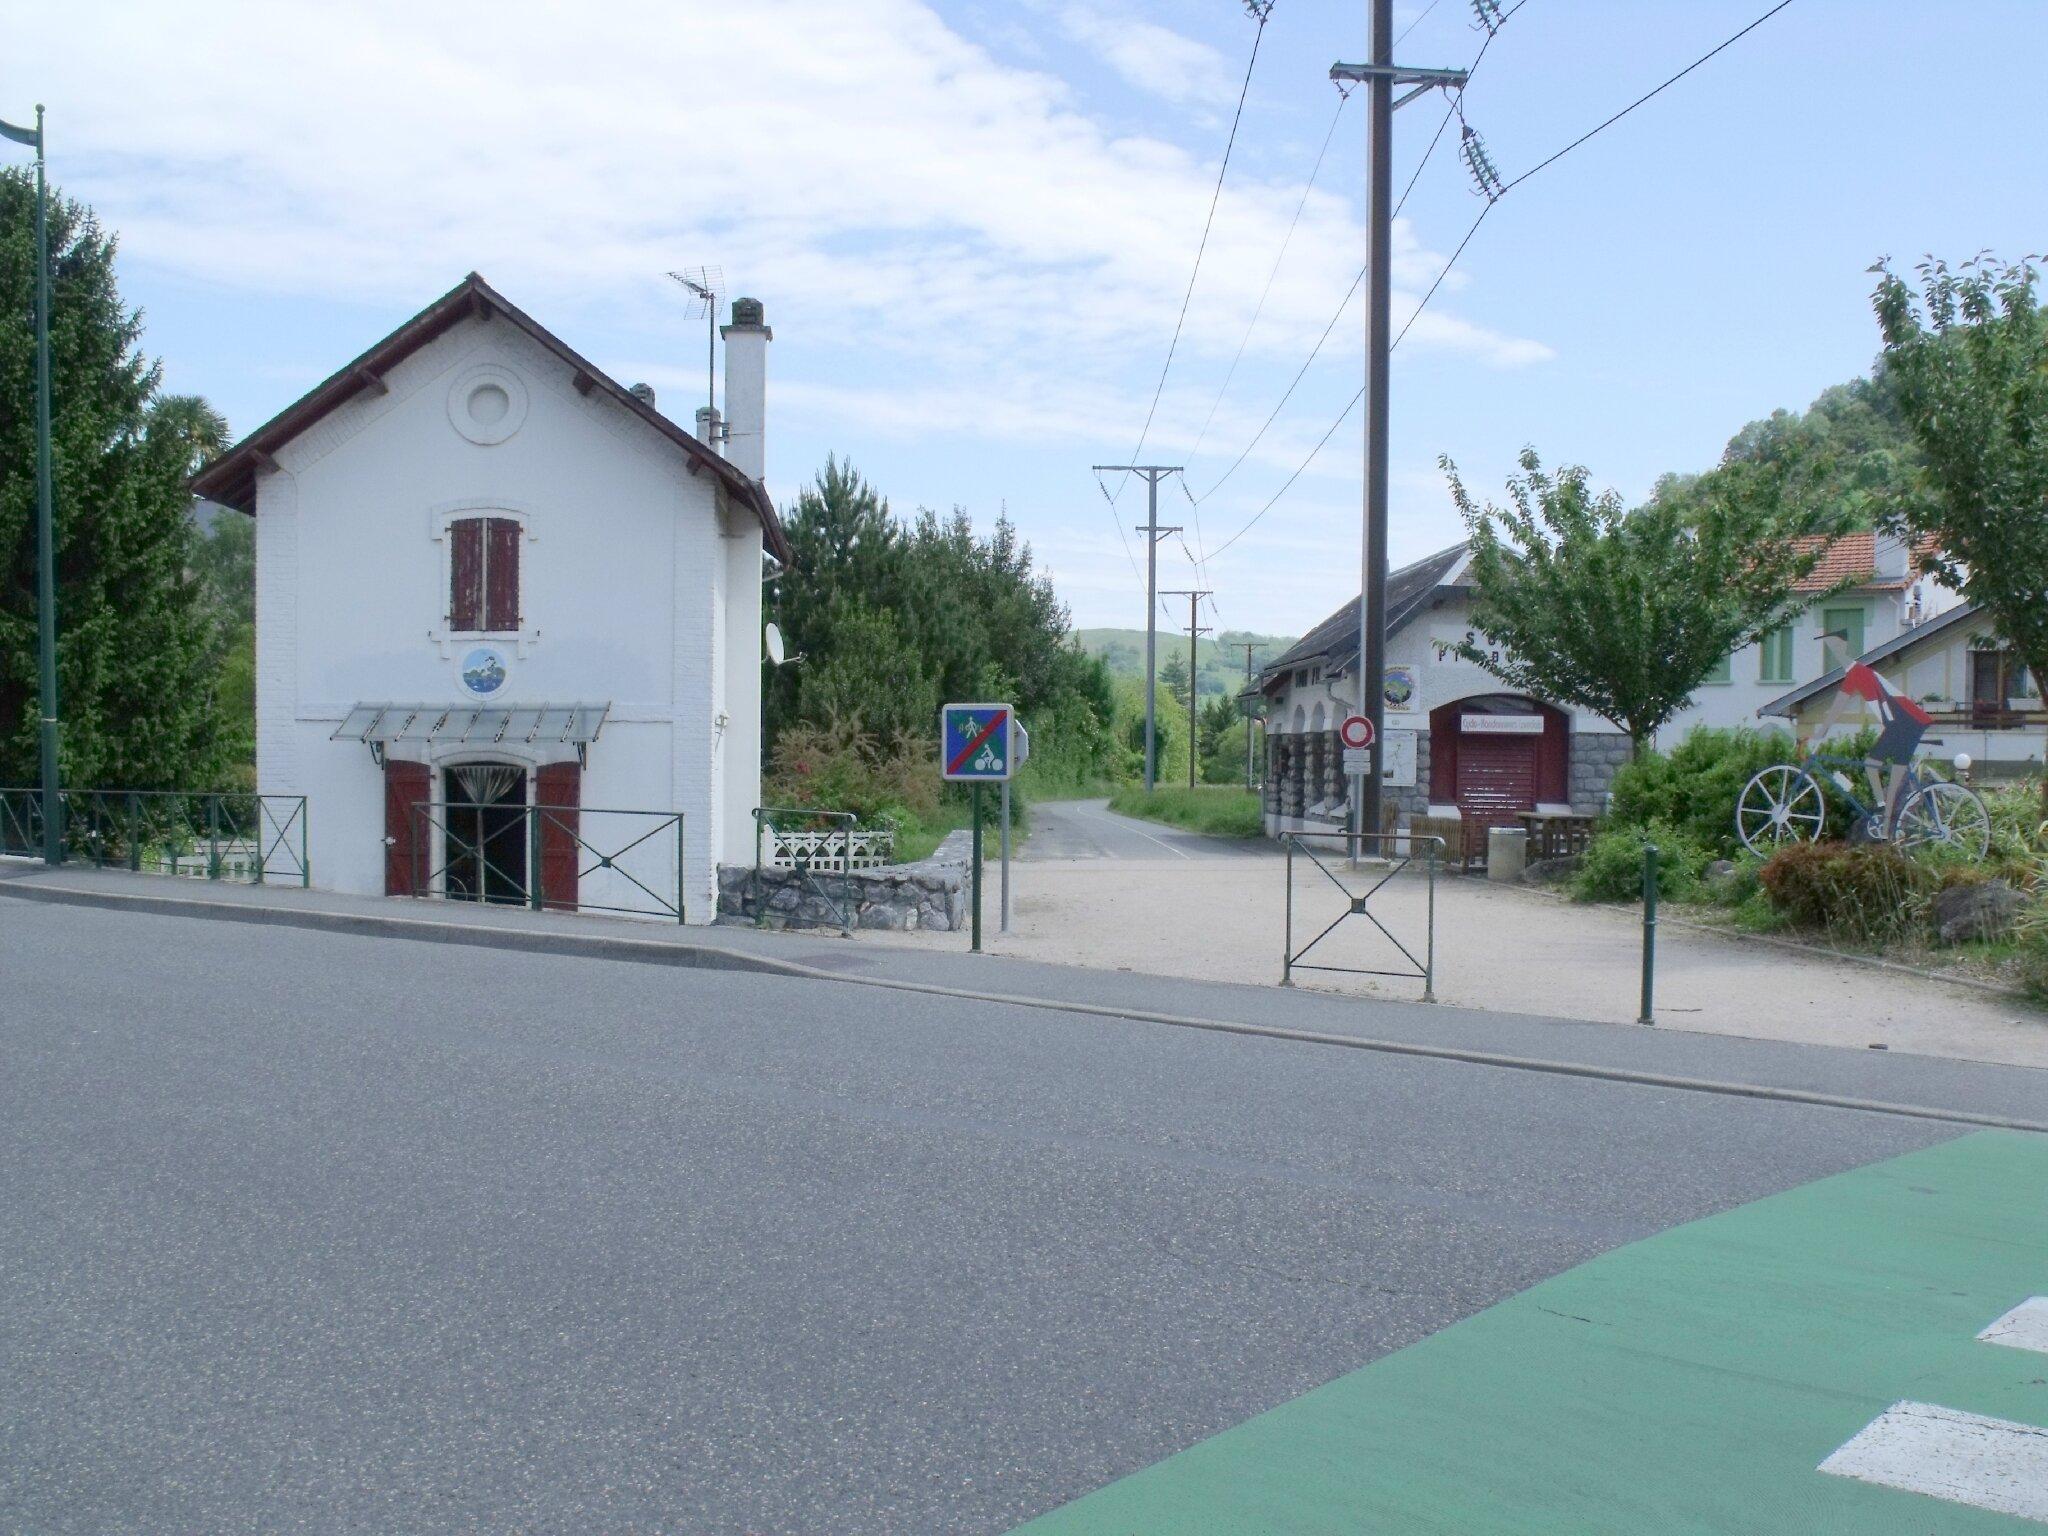 Soum - Pic-du-Jer (Hautes-Pyrénées - 65)